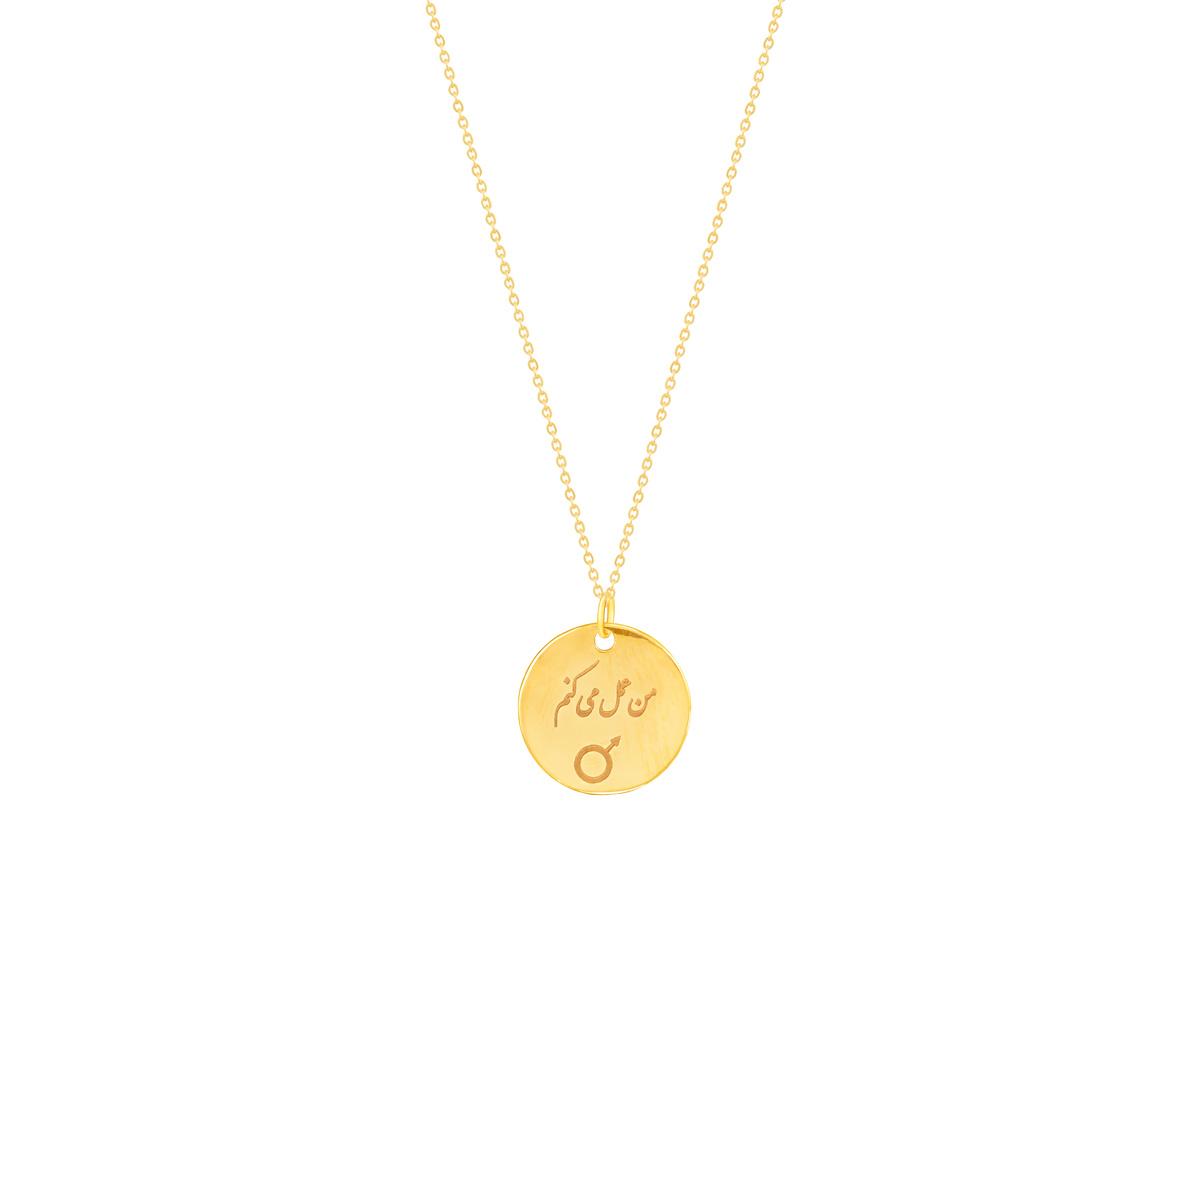 گردنبند طلا نماد ماه فروردین